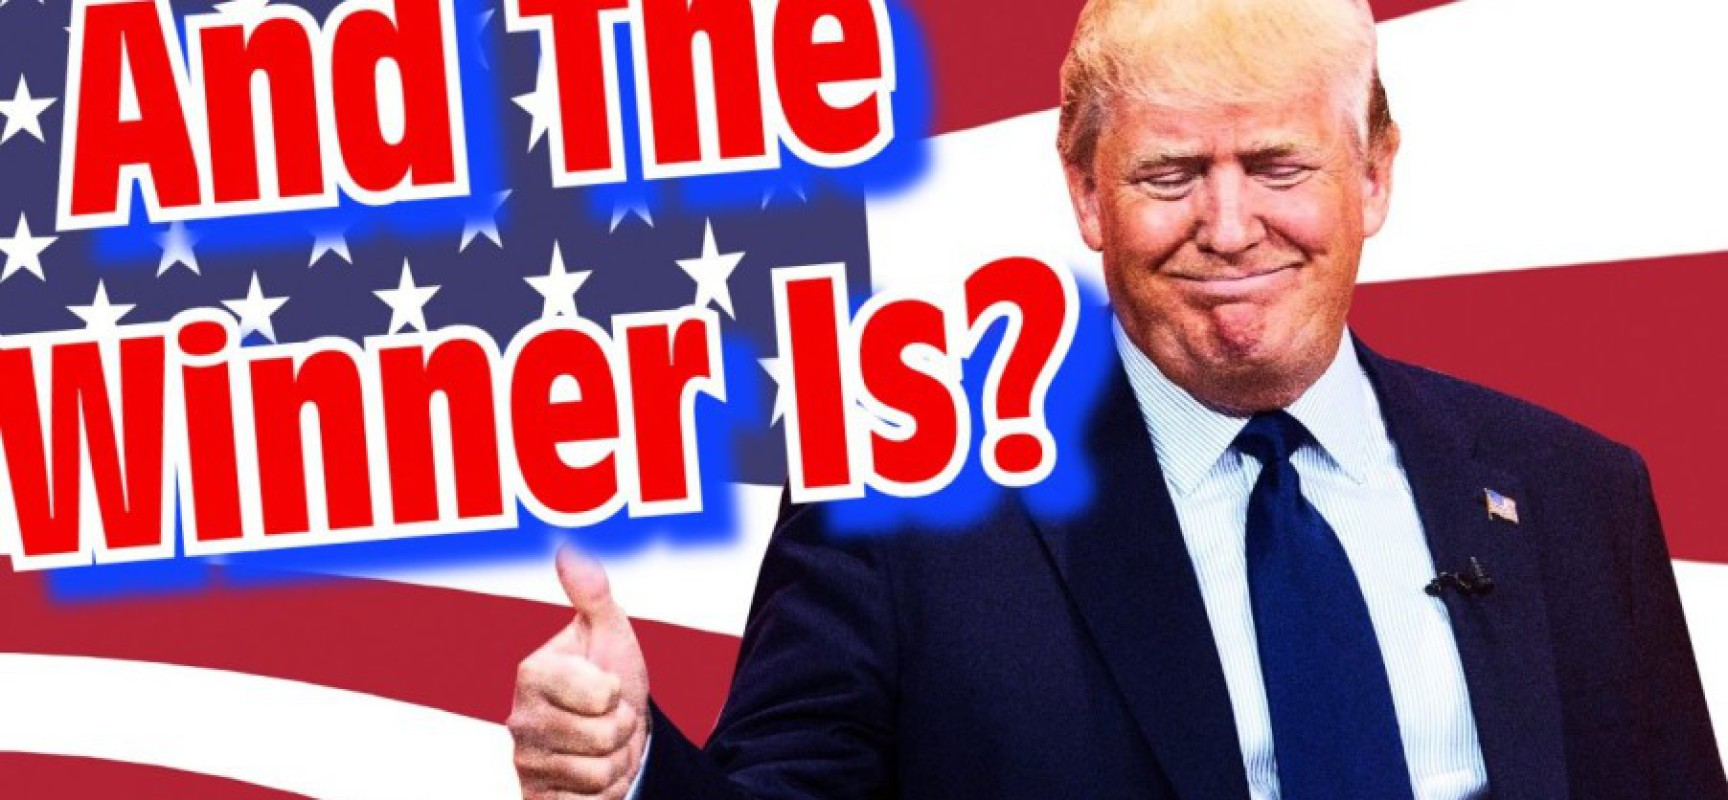 Les Américains aiment la guerre ! La cote de Trump grimpe de 50 %, la plus forte hausse